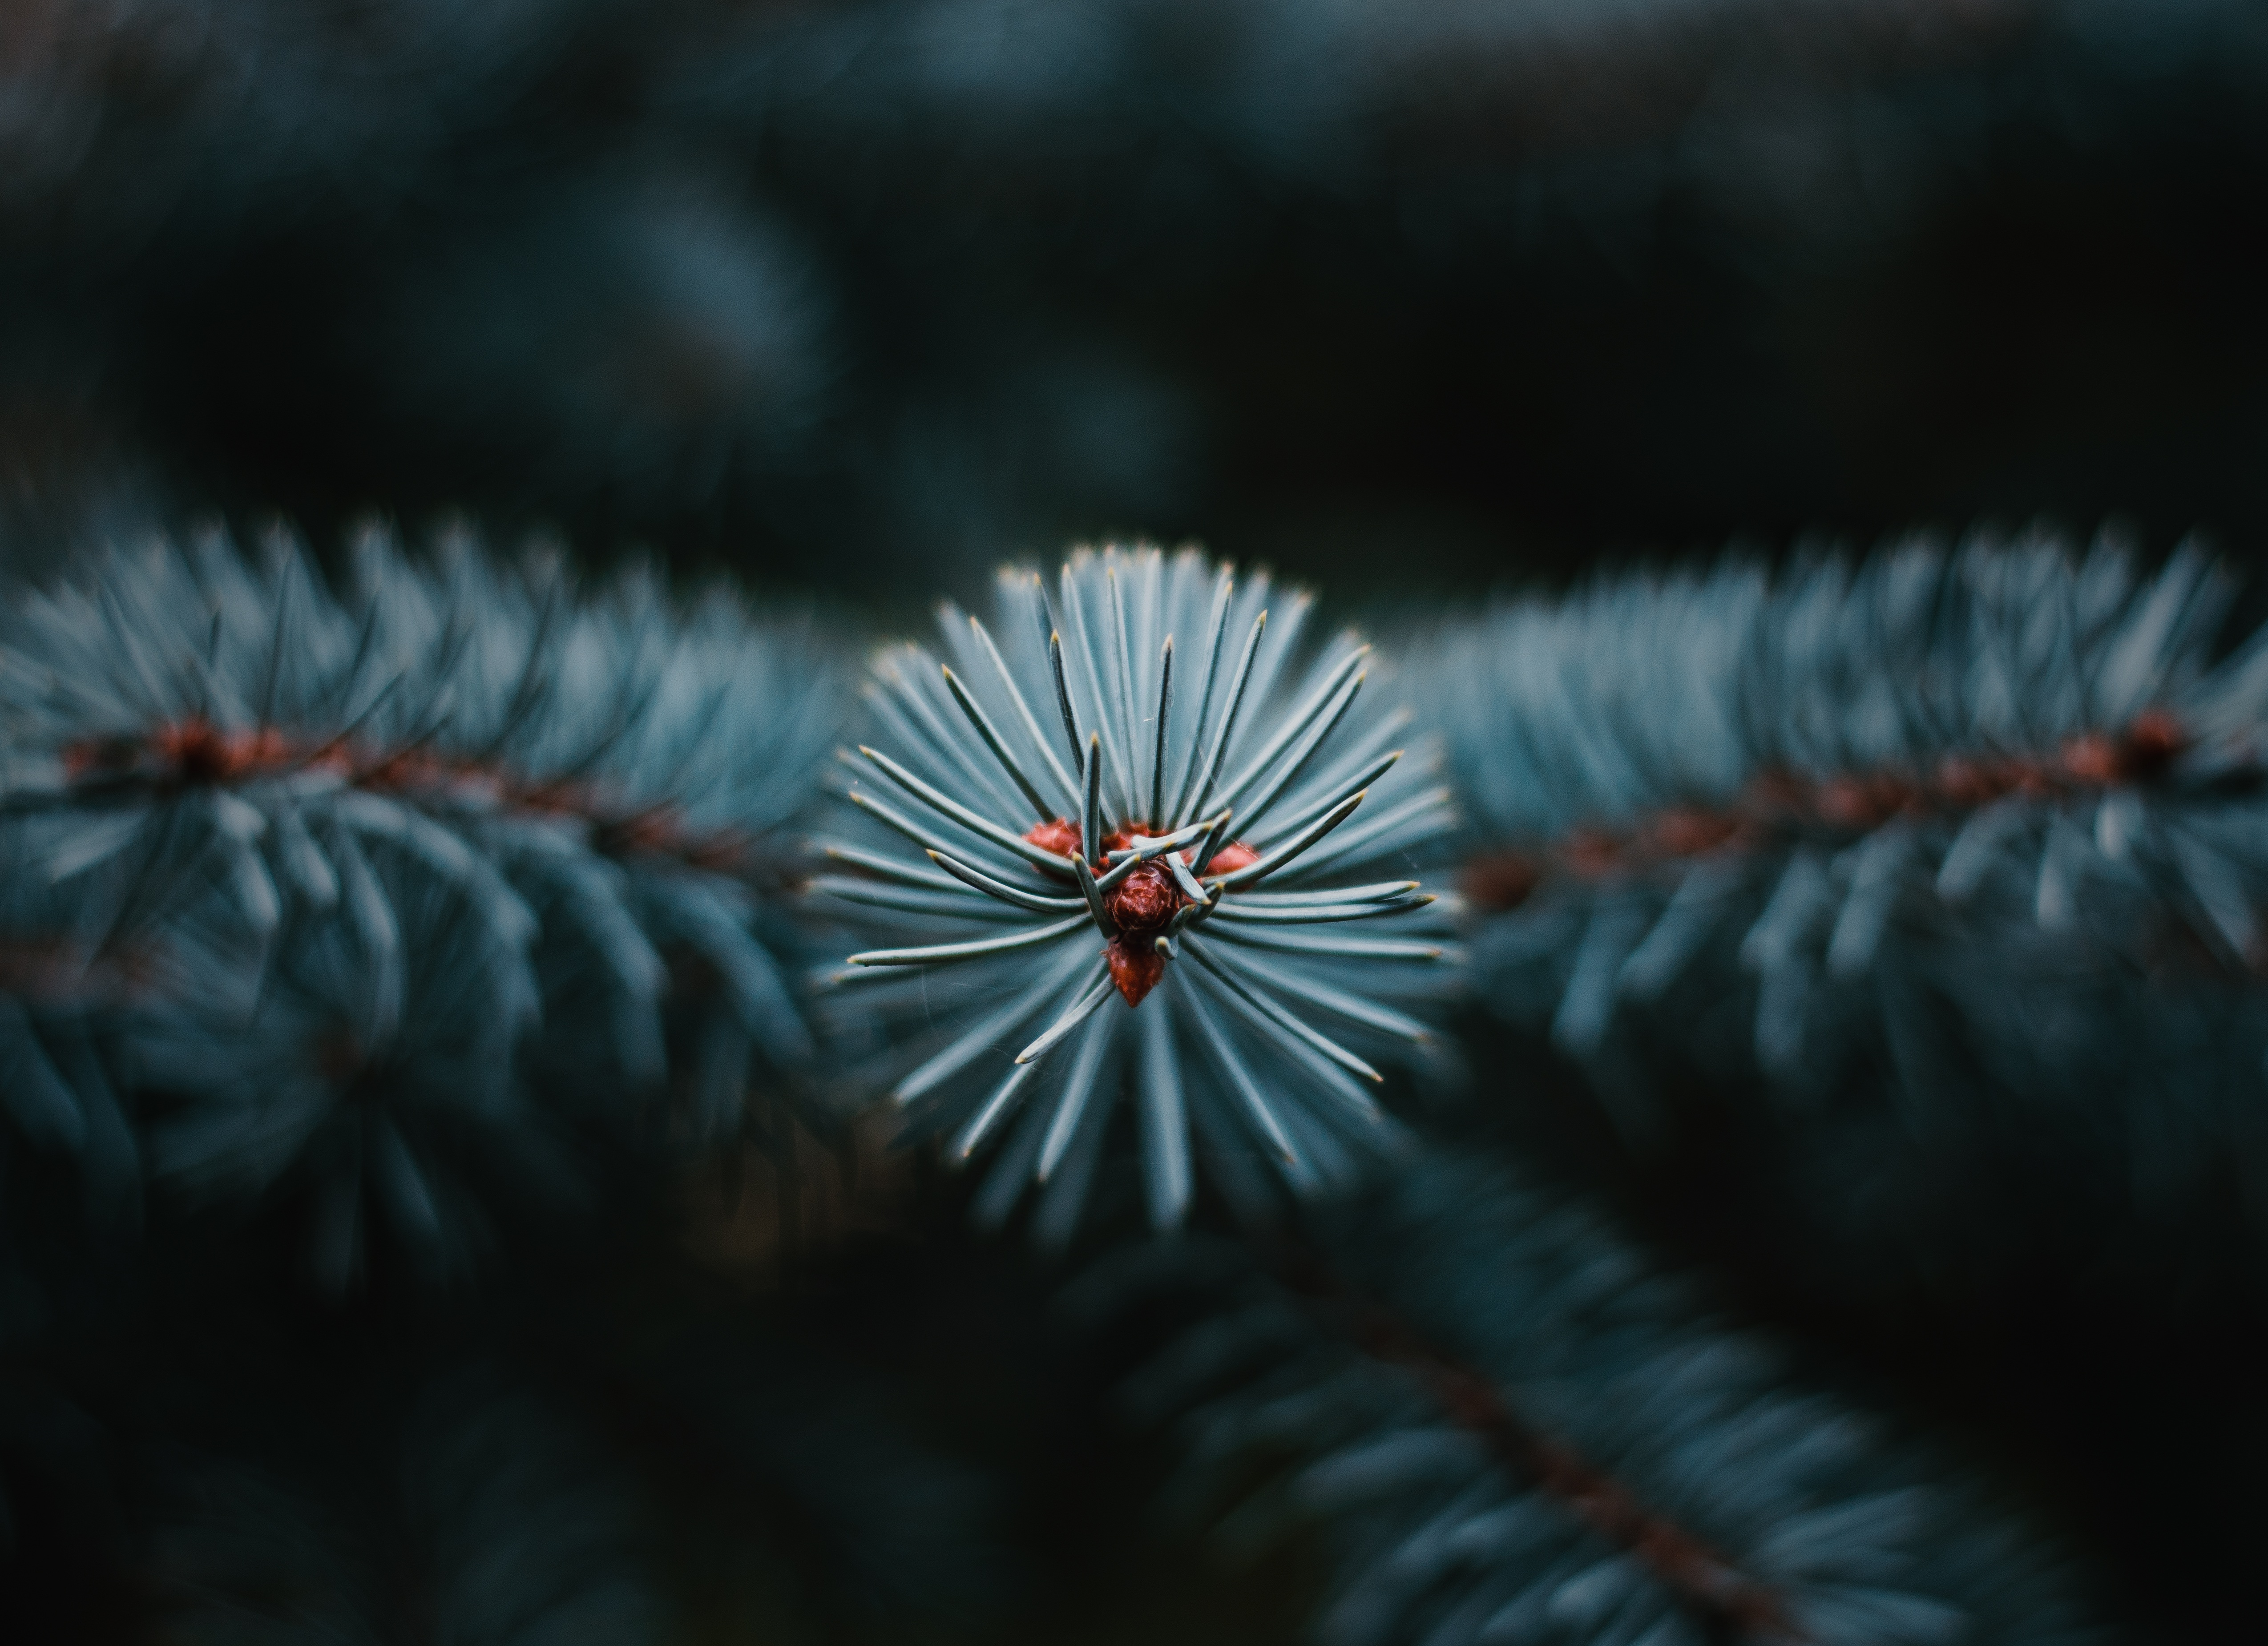 119739 Hintergrundbild herunterladen Nadeln, Makro, Ast, Zweig, Weihnachtsbaum, Immergrün, Immergrünen - Bildschirmschoner und Bilder kostenlos